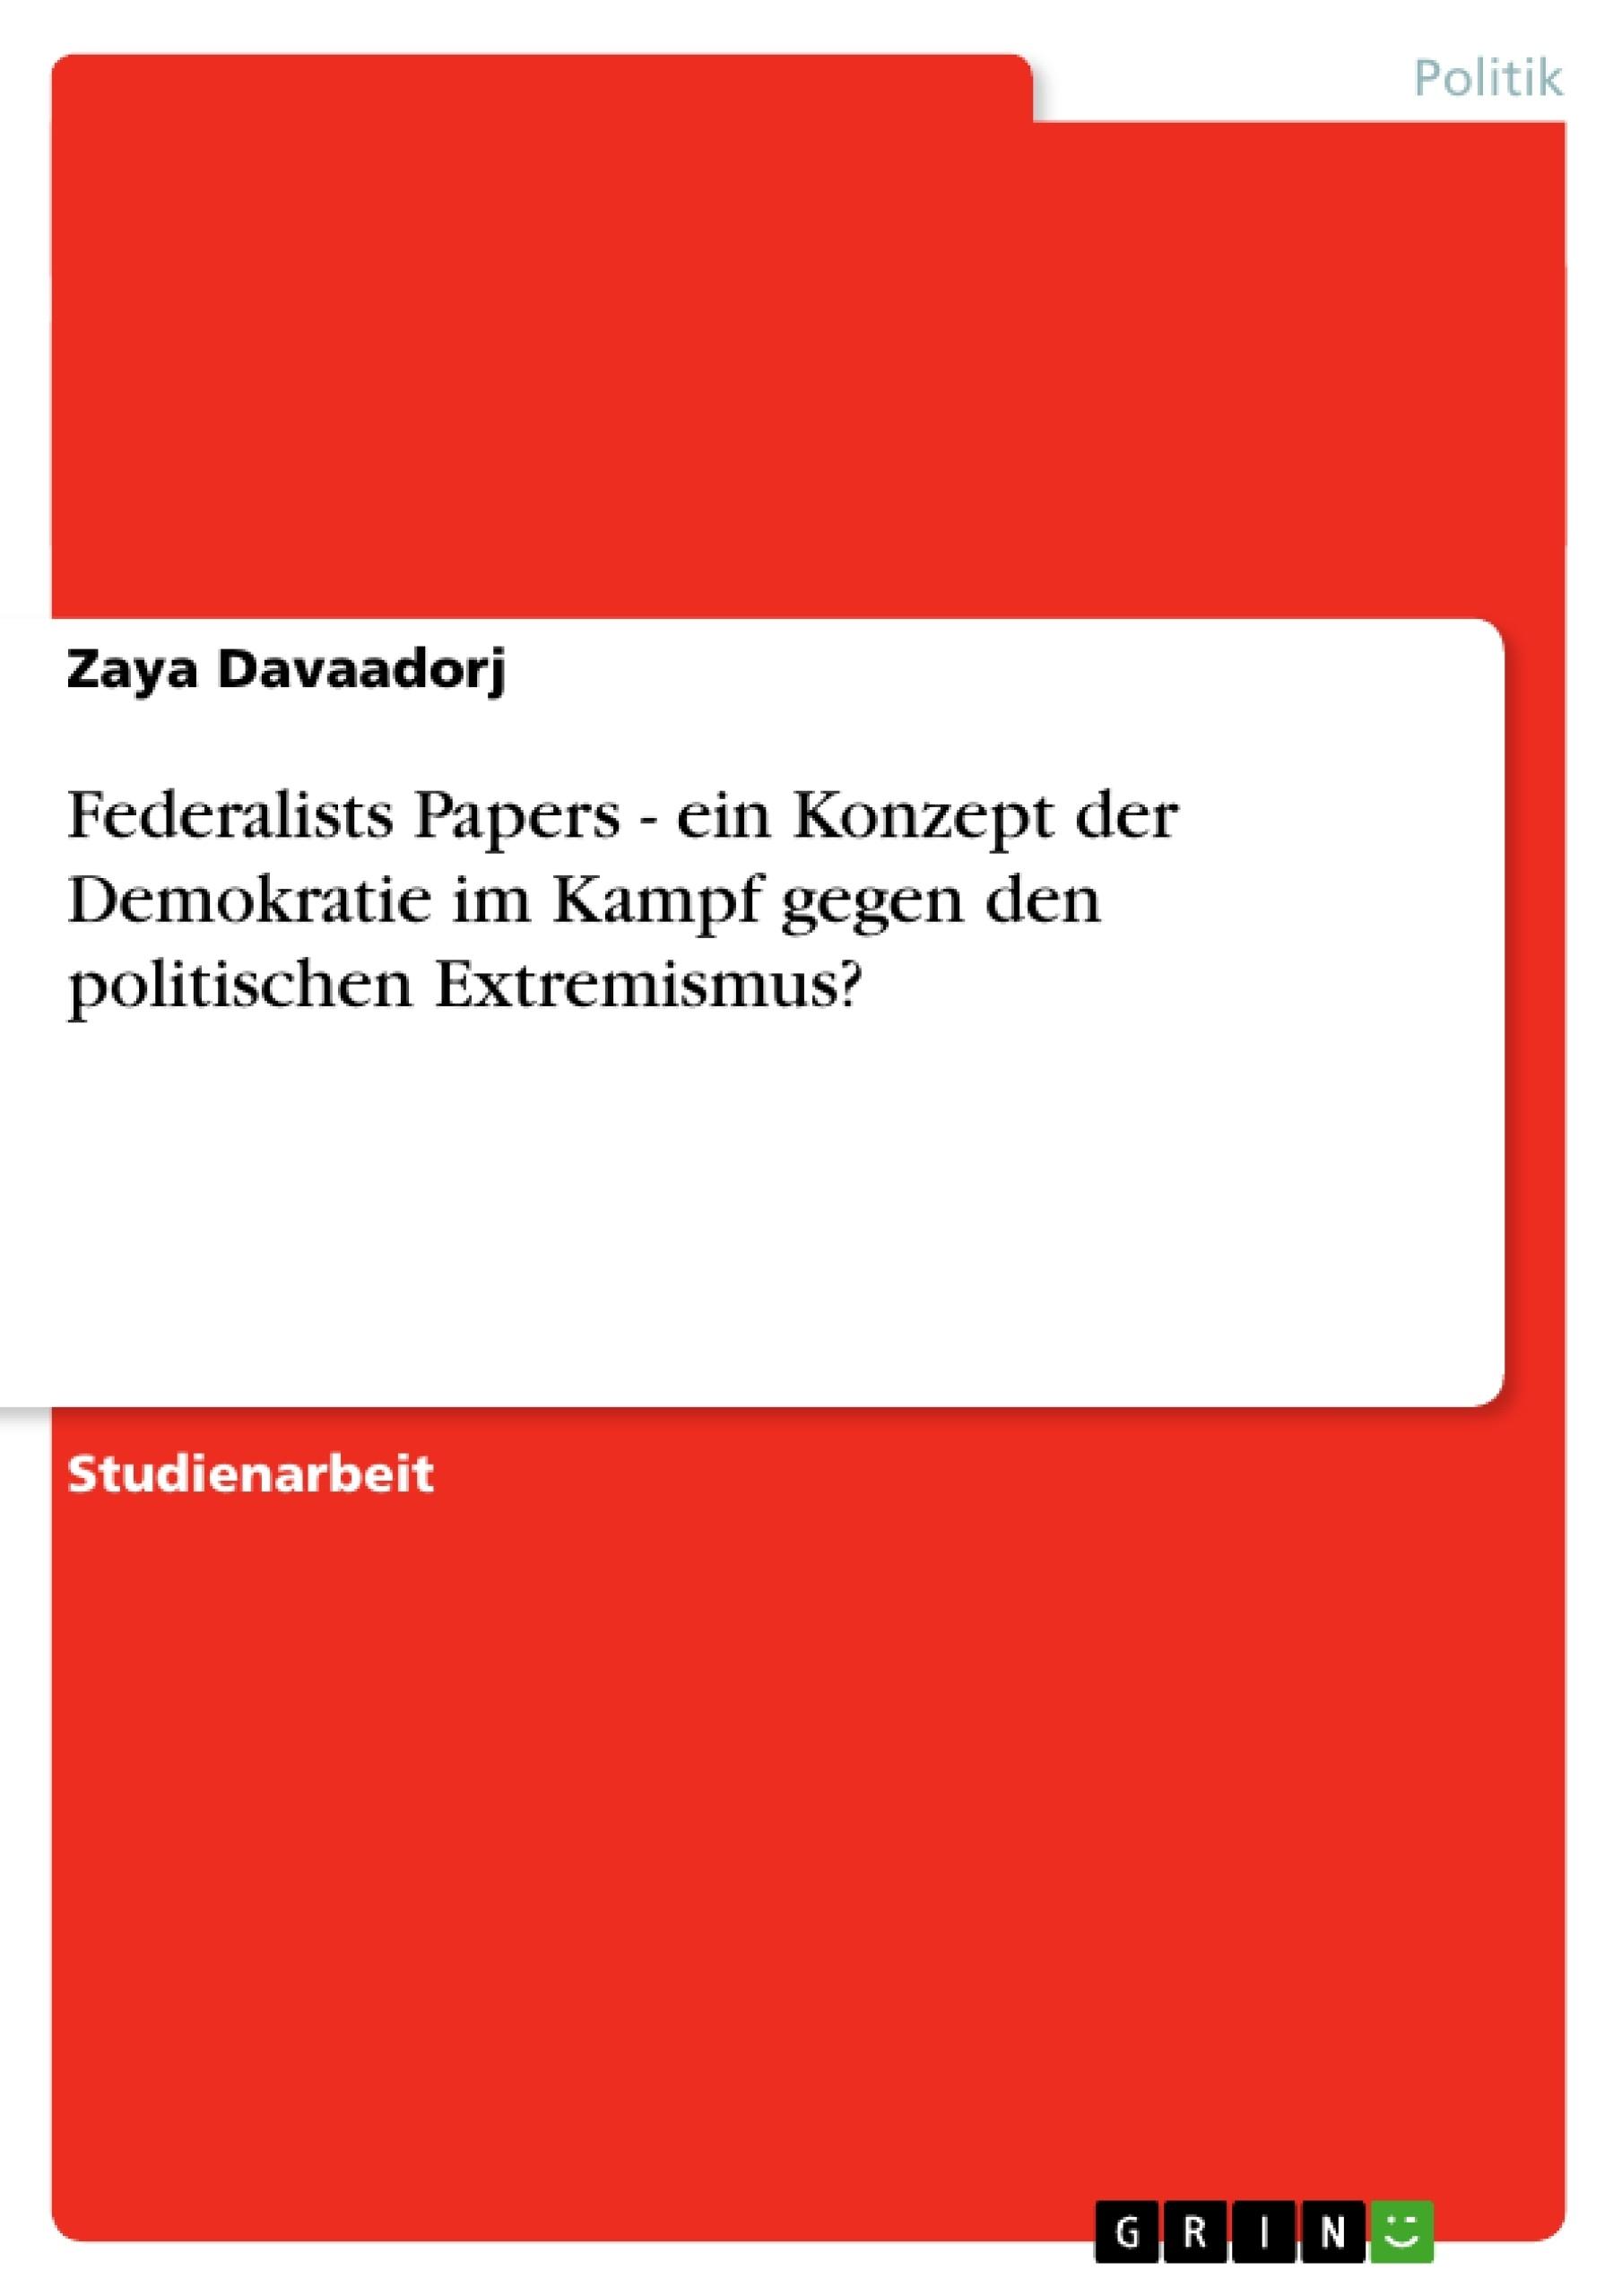 Titel: Federalists Papers - ein Konzept der Demokratie im Kampf gegen den politischen Extremismus?